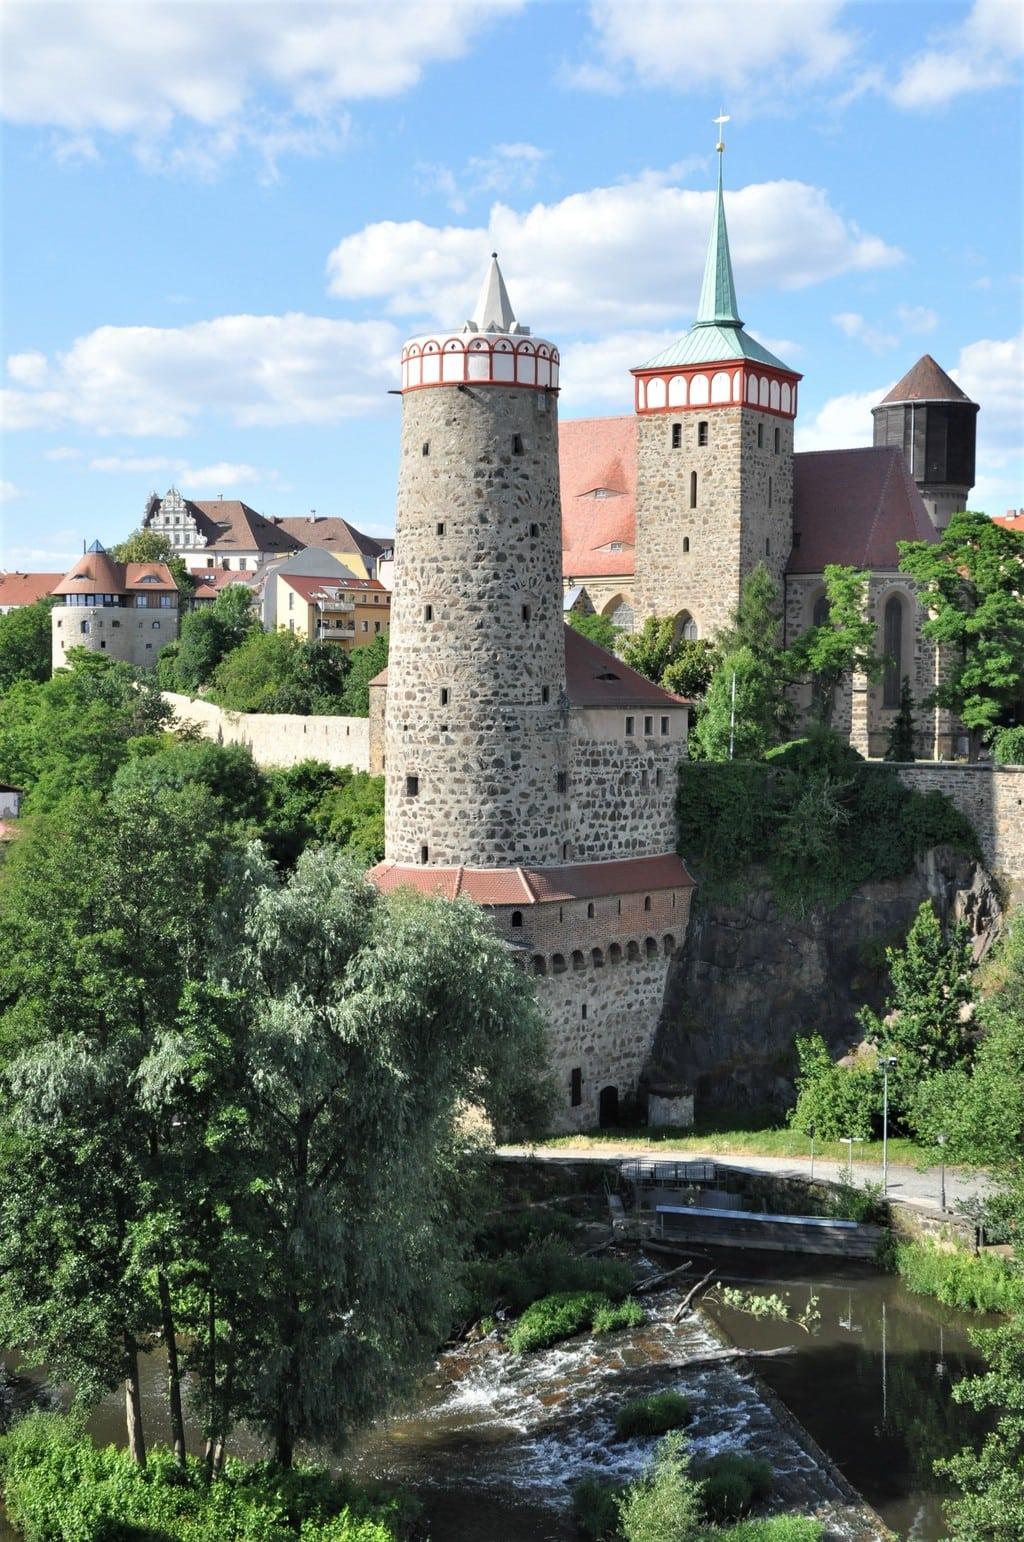 De oude stadt Bautzen in Saksen mit burcht, muur en rivier